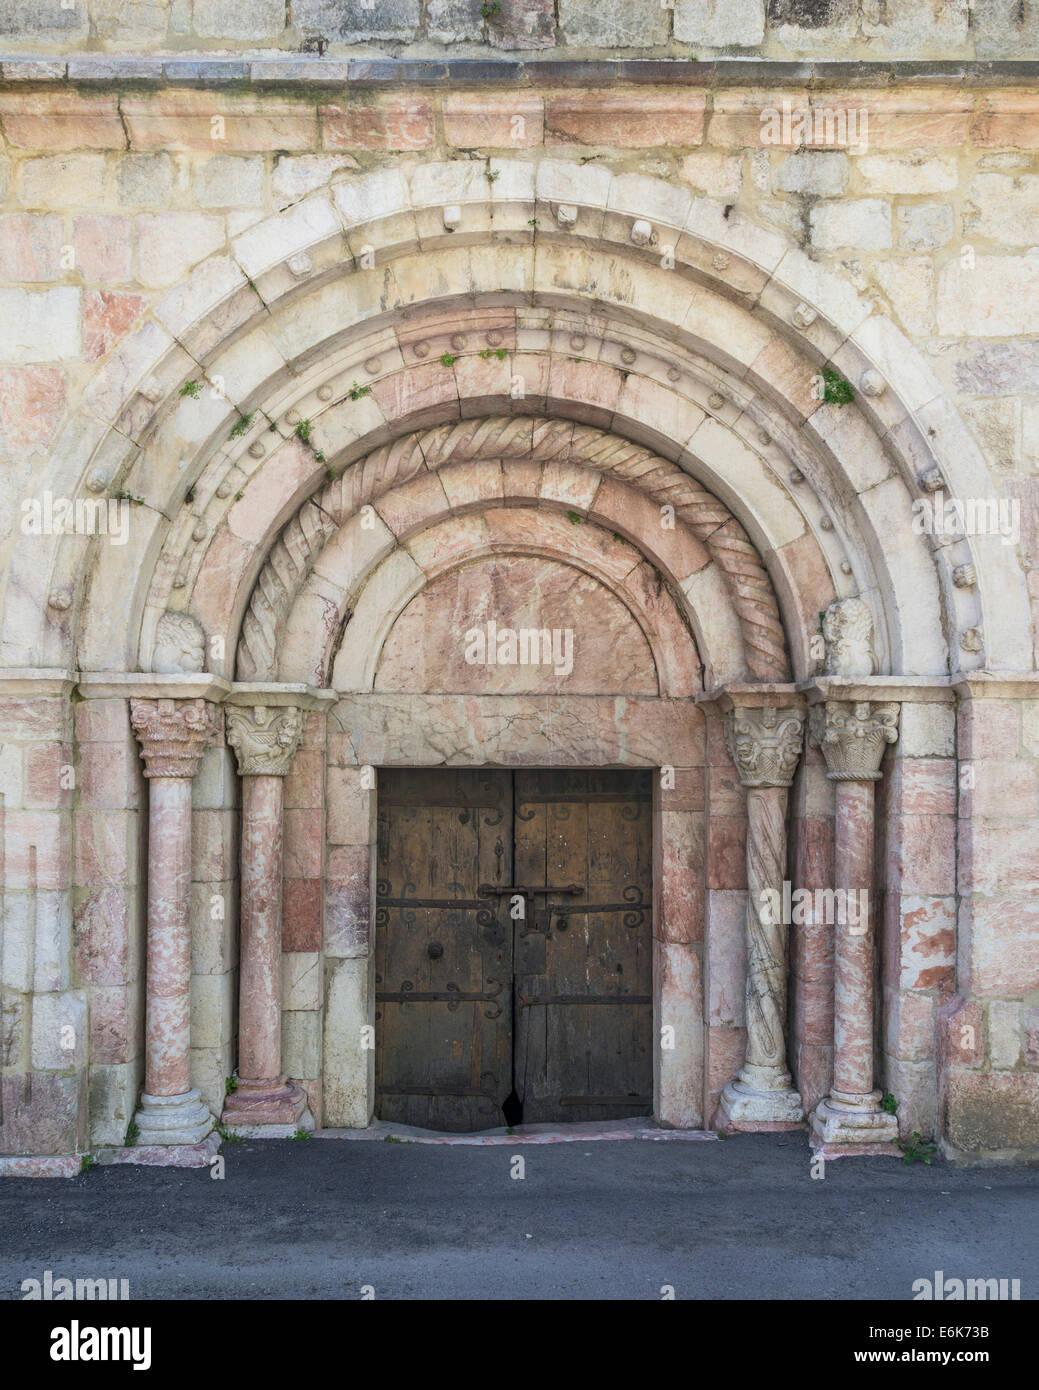 Church of Saint-Jacques, Villefranche-de-Conflent, Languedoc-Roussillon, France - Stock Image